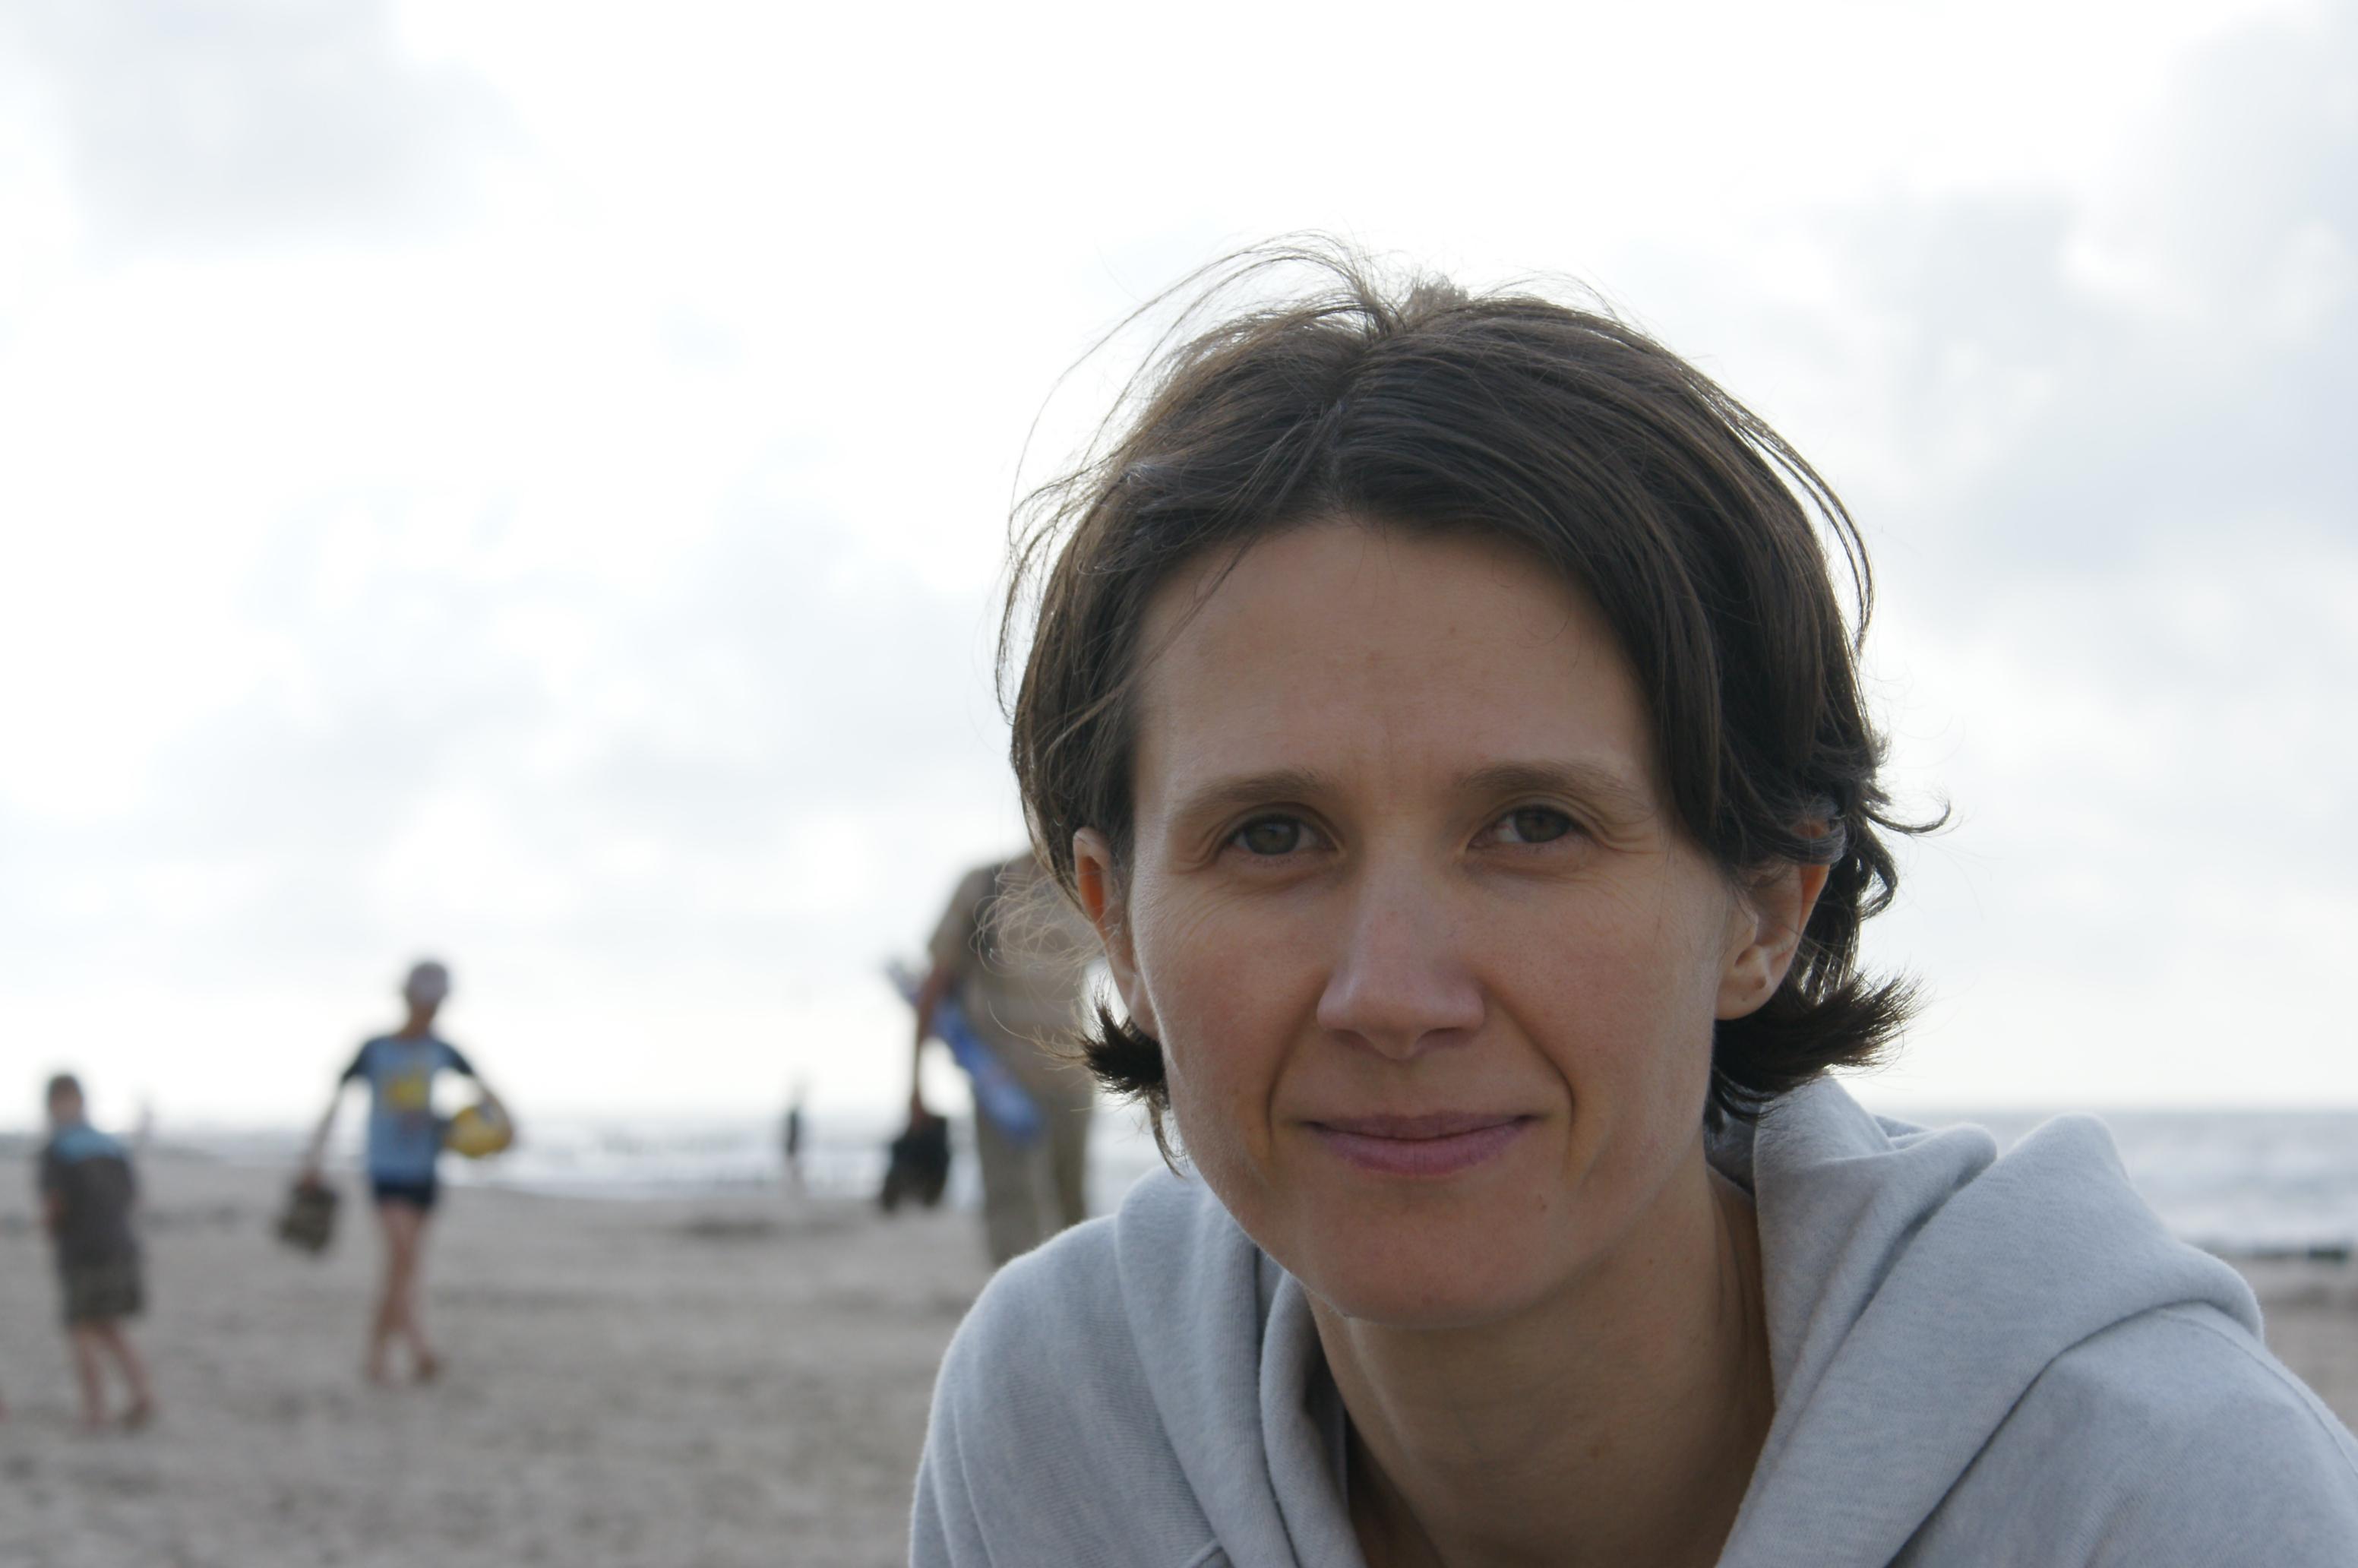 Ania Kuligowska